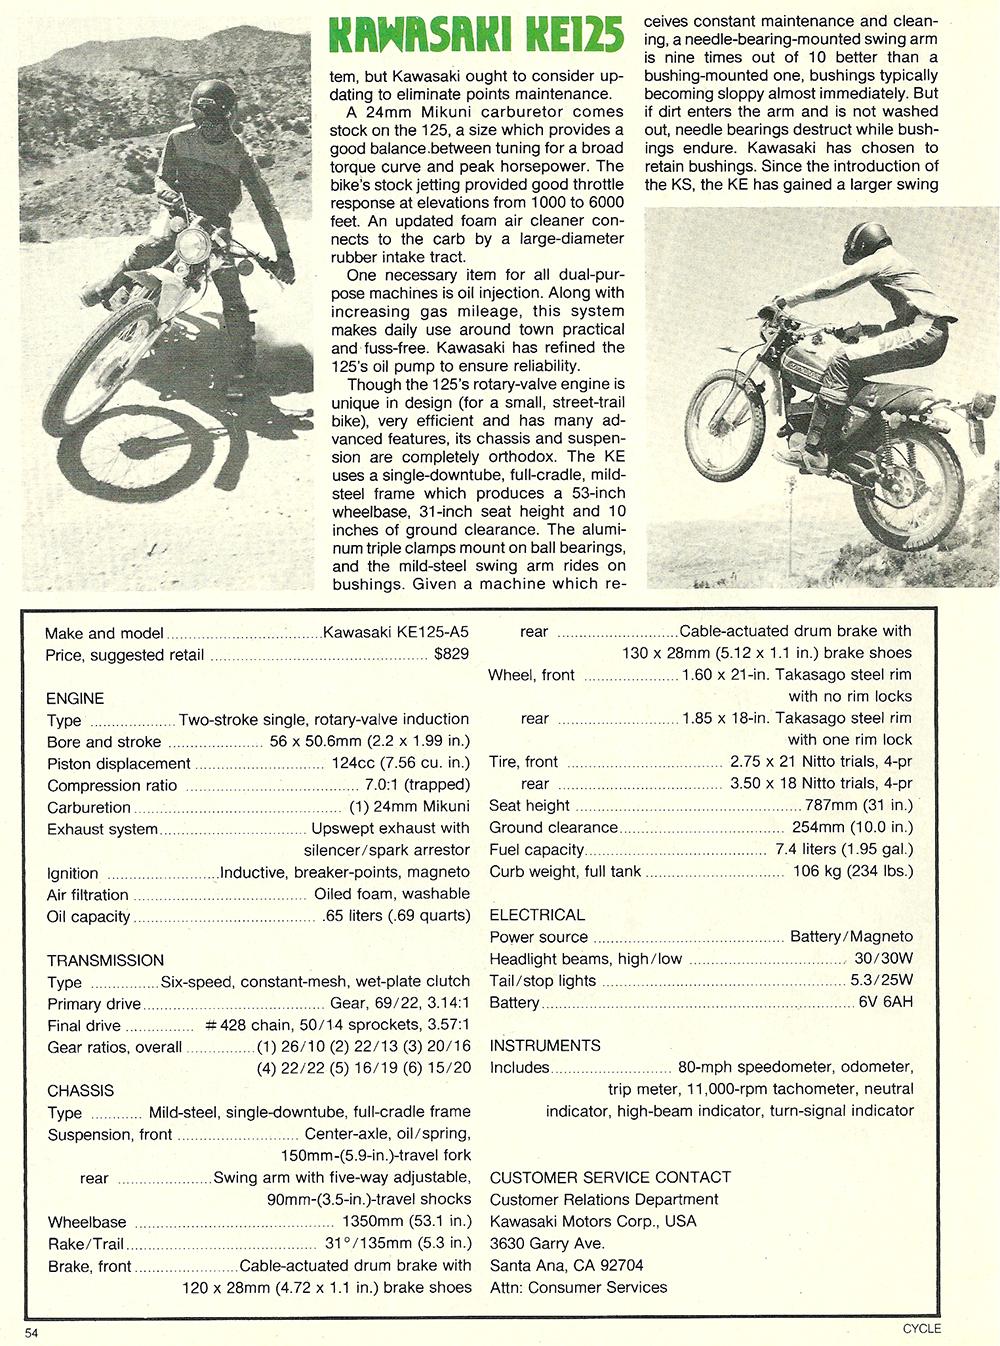 1978 Kawasaki KE125 A5 roat test 03.jpg